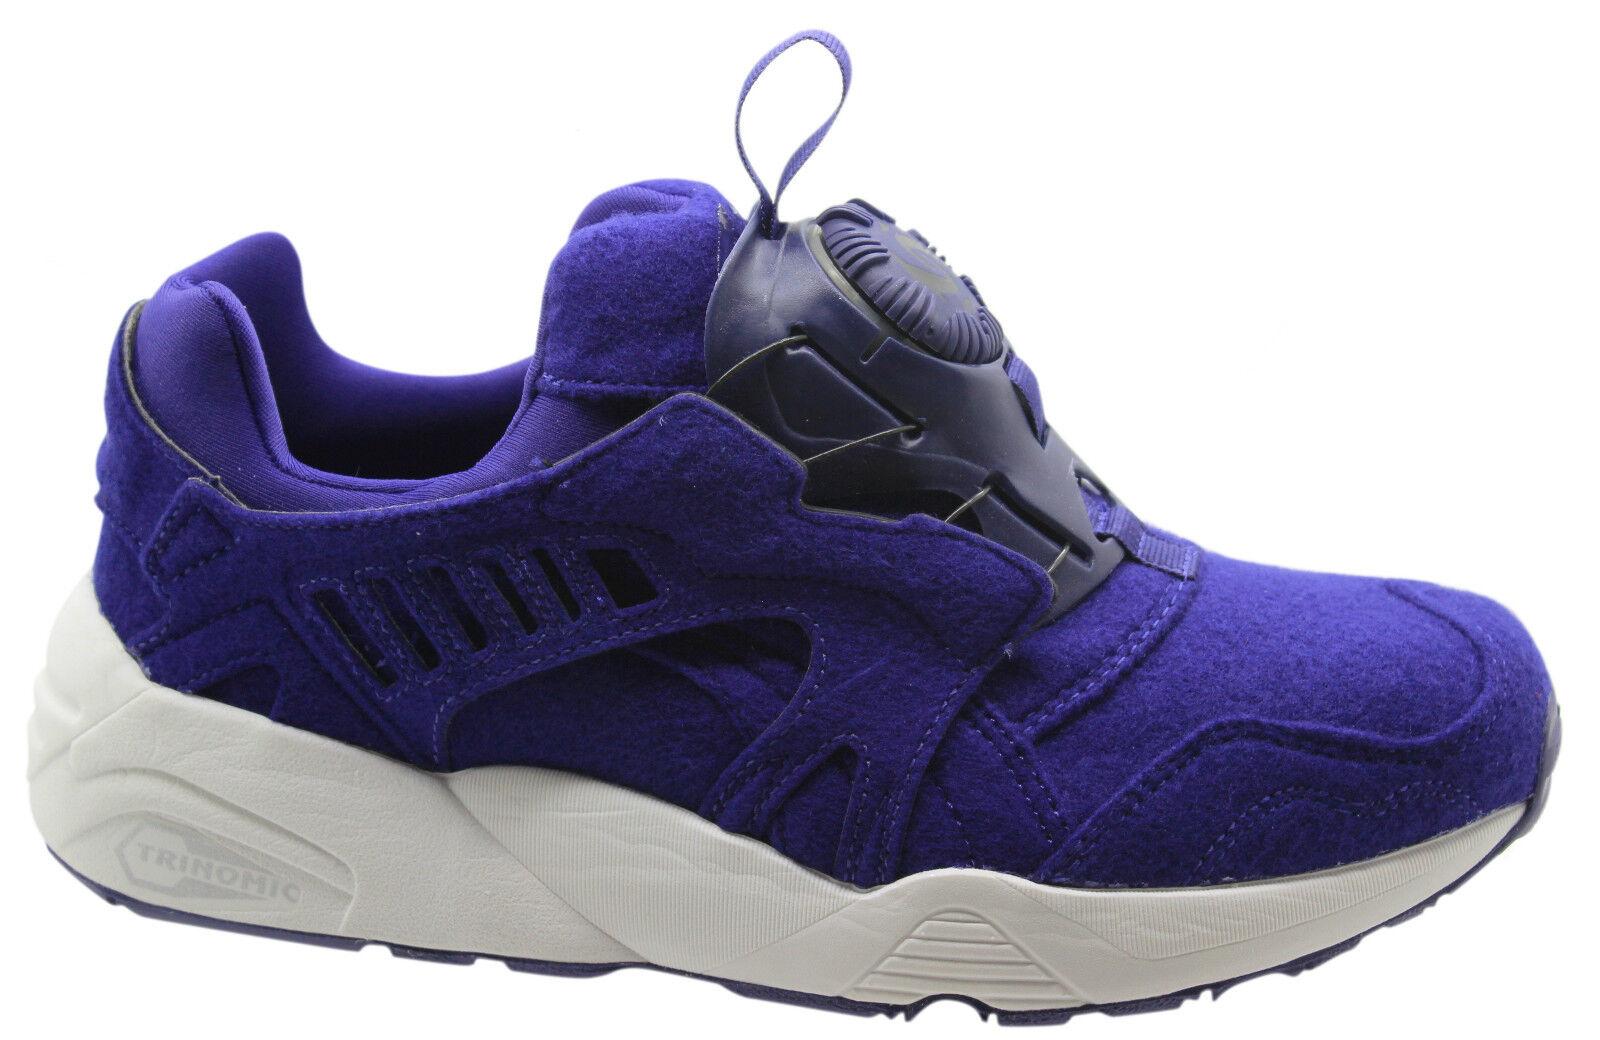 Details about Puma Trinomic Disc Blaze Purple Felt Mens Trainers Slip On Shoes 359361 03 B61D